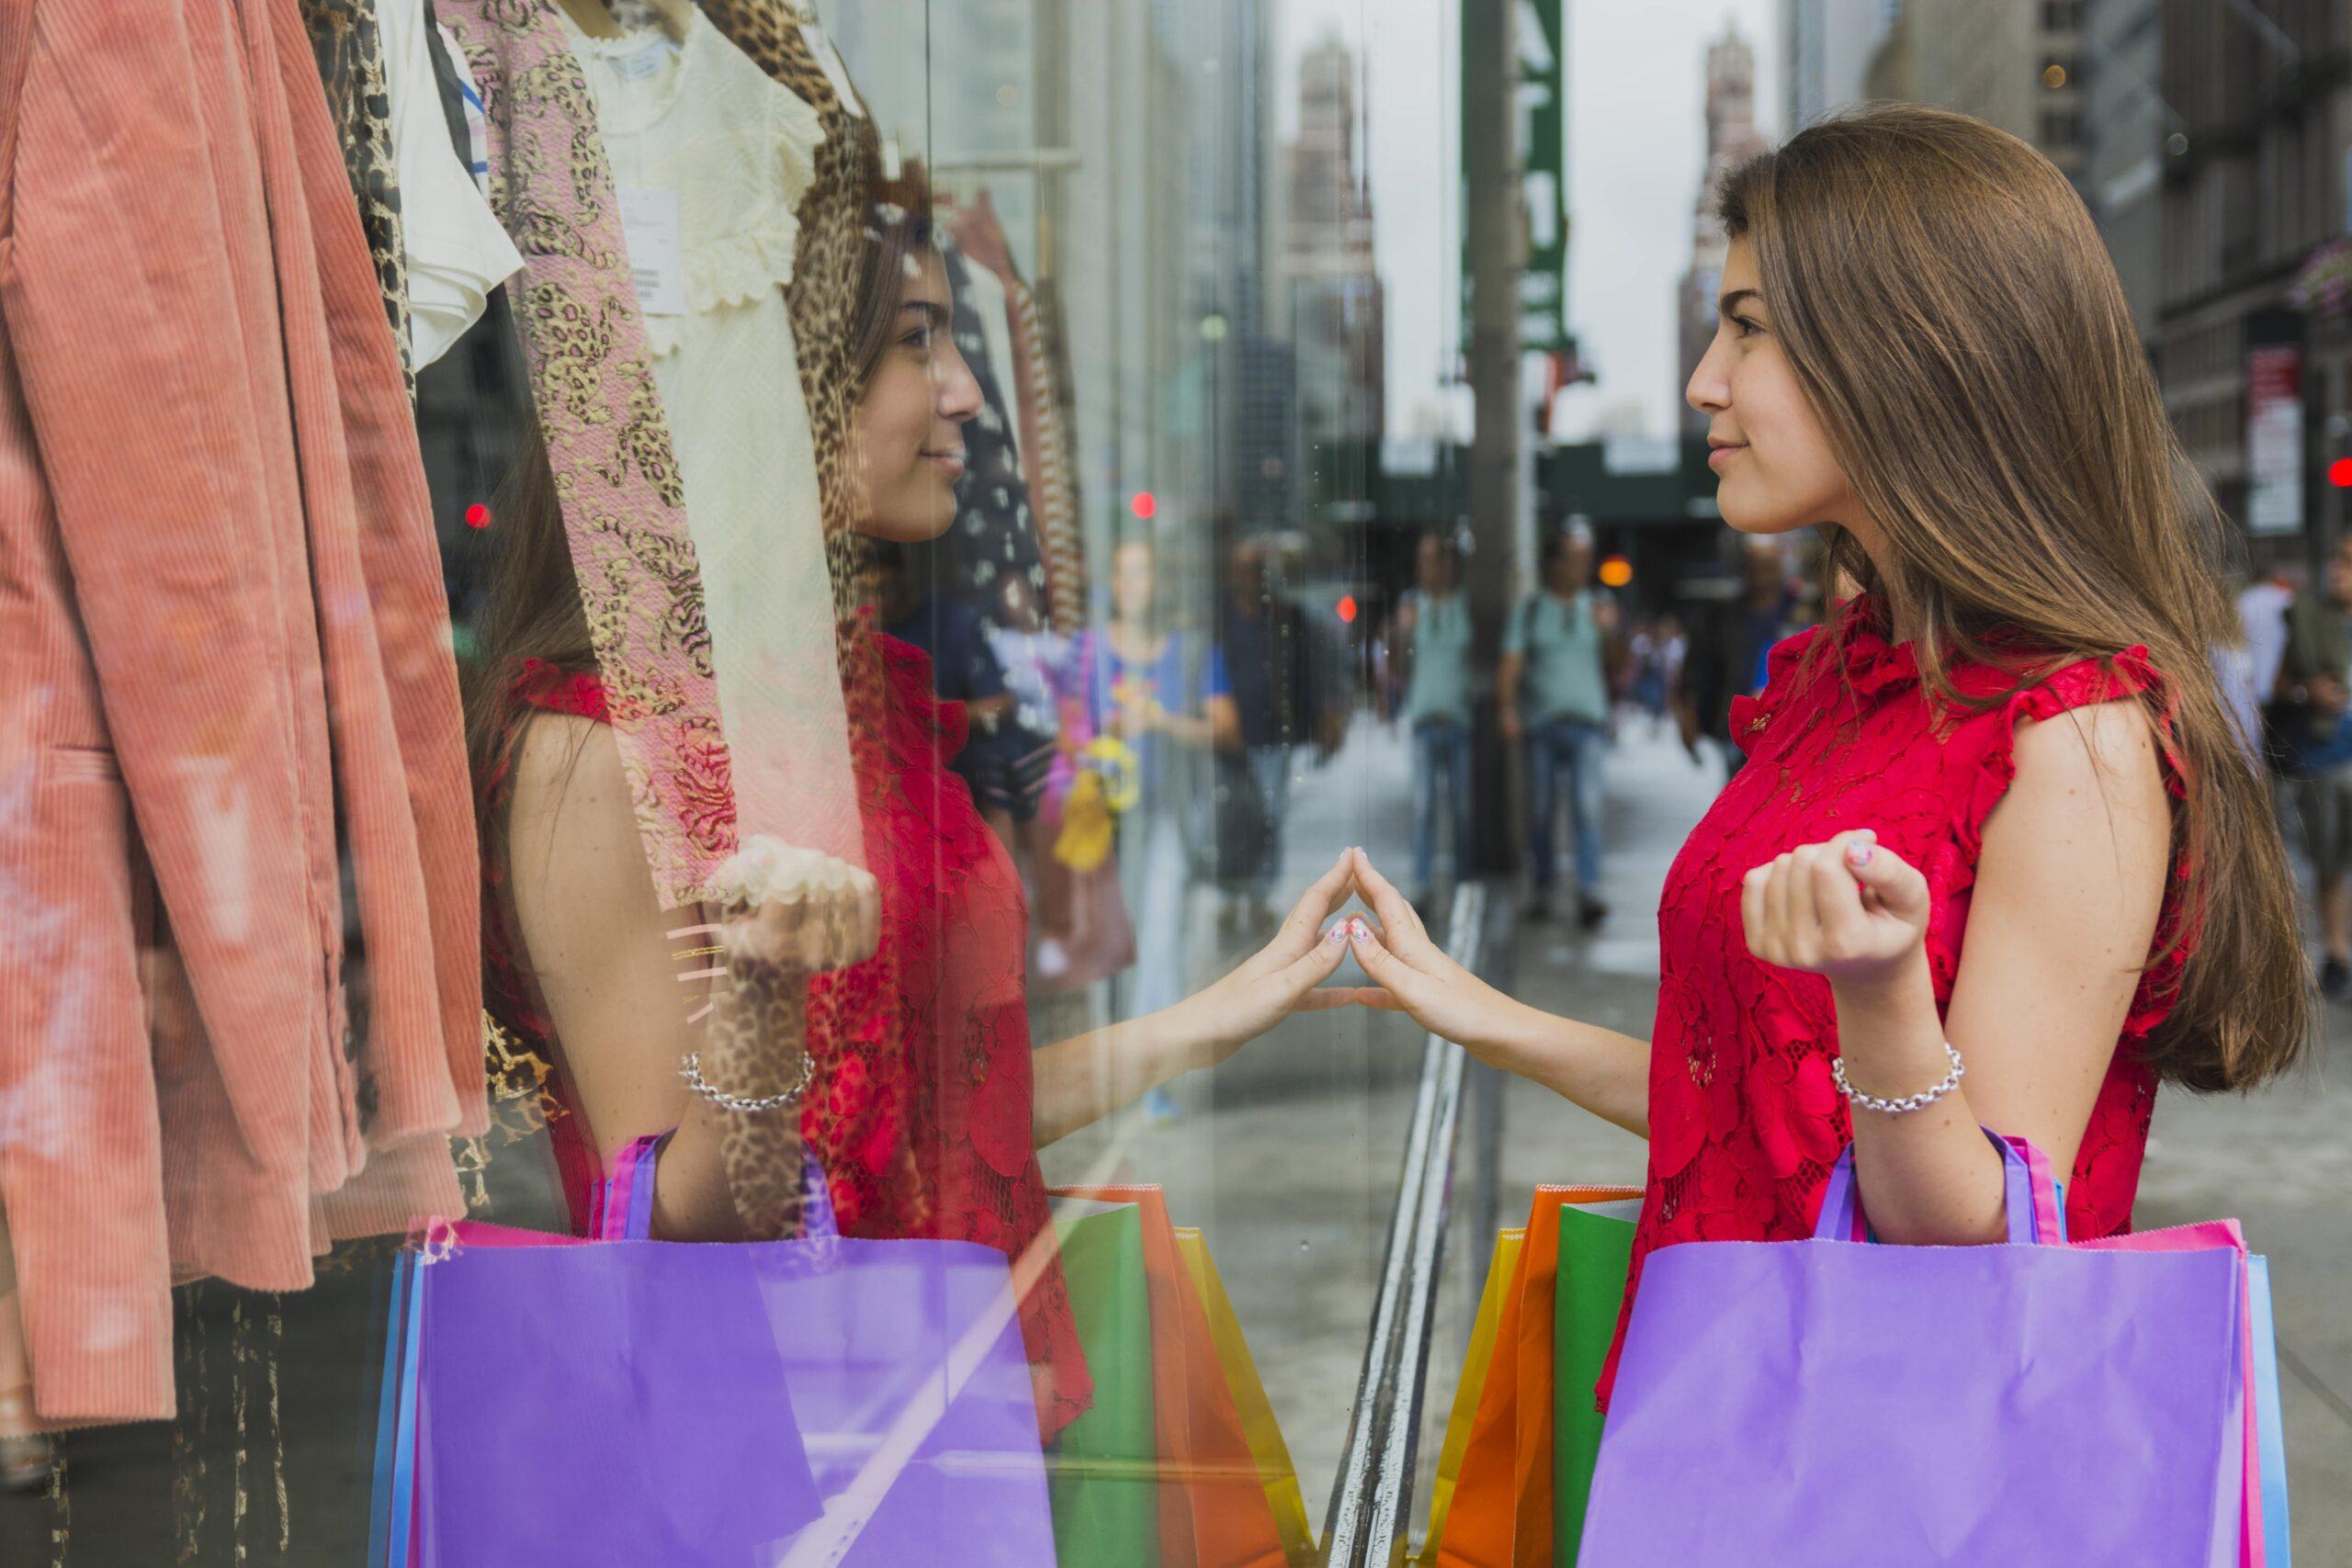 Mulher observando uma vitrine e em um processo de decisão de compra